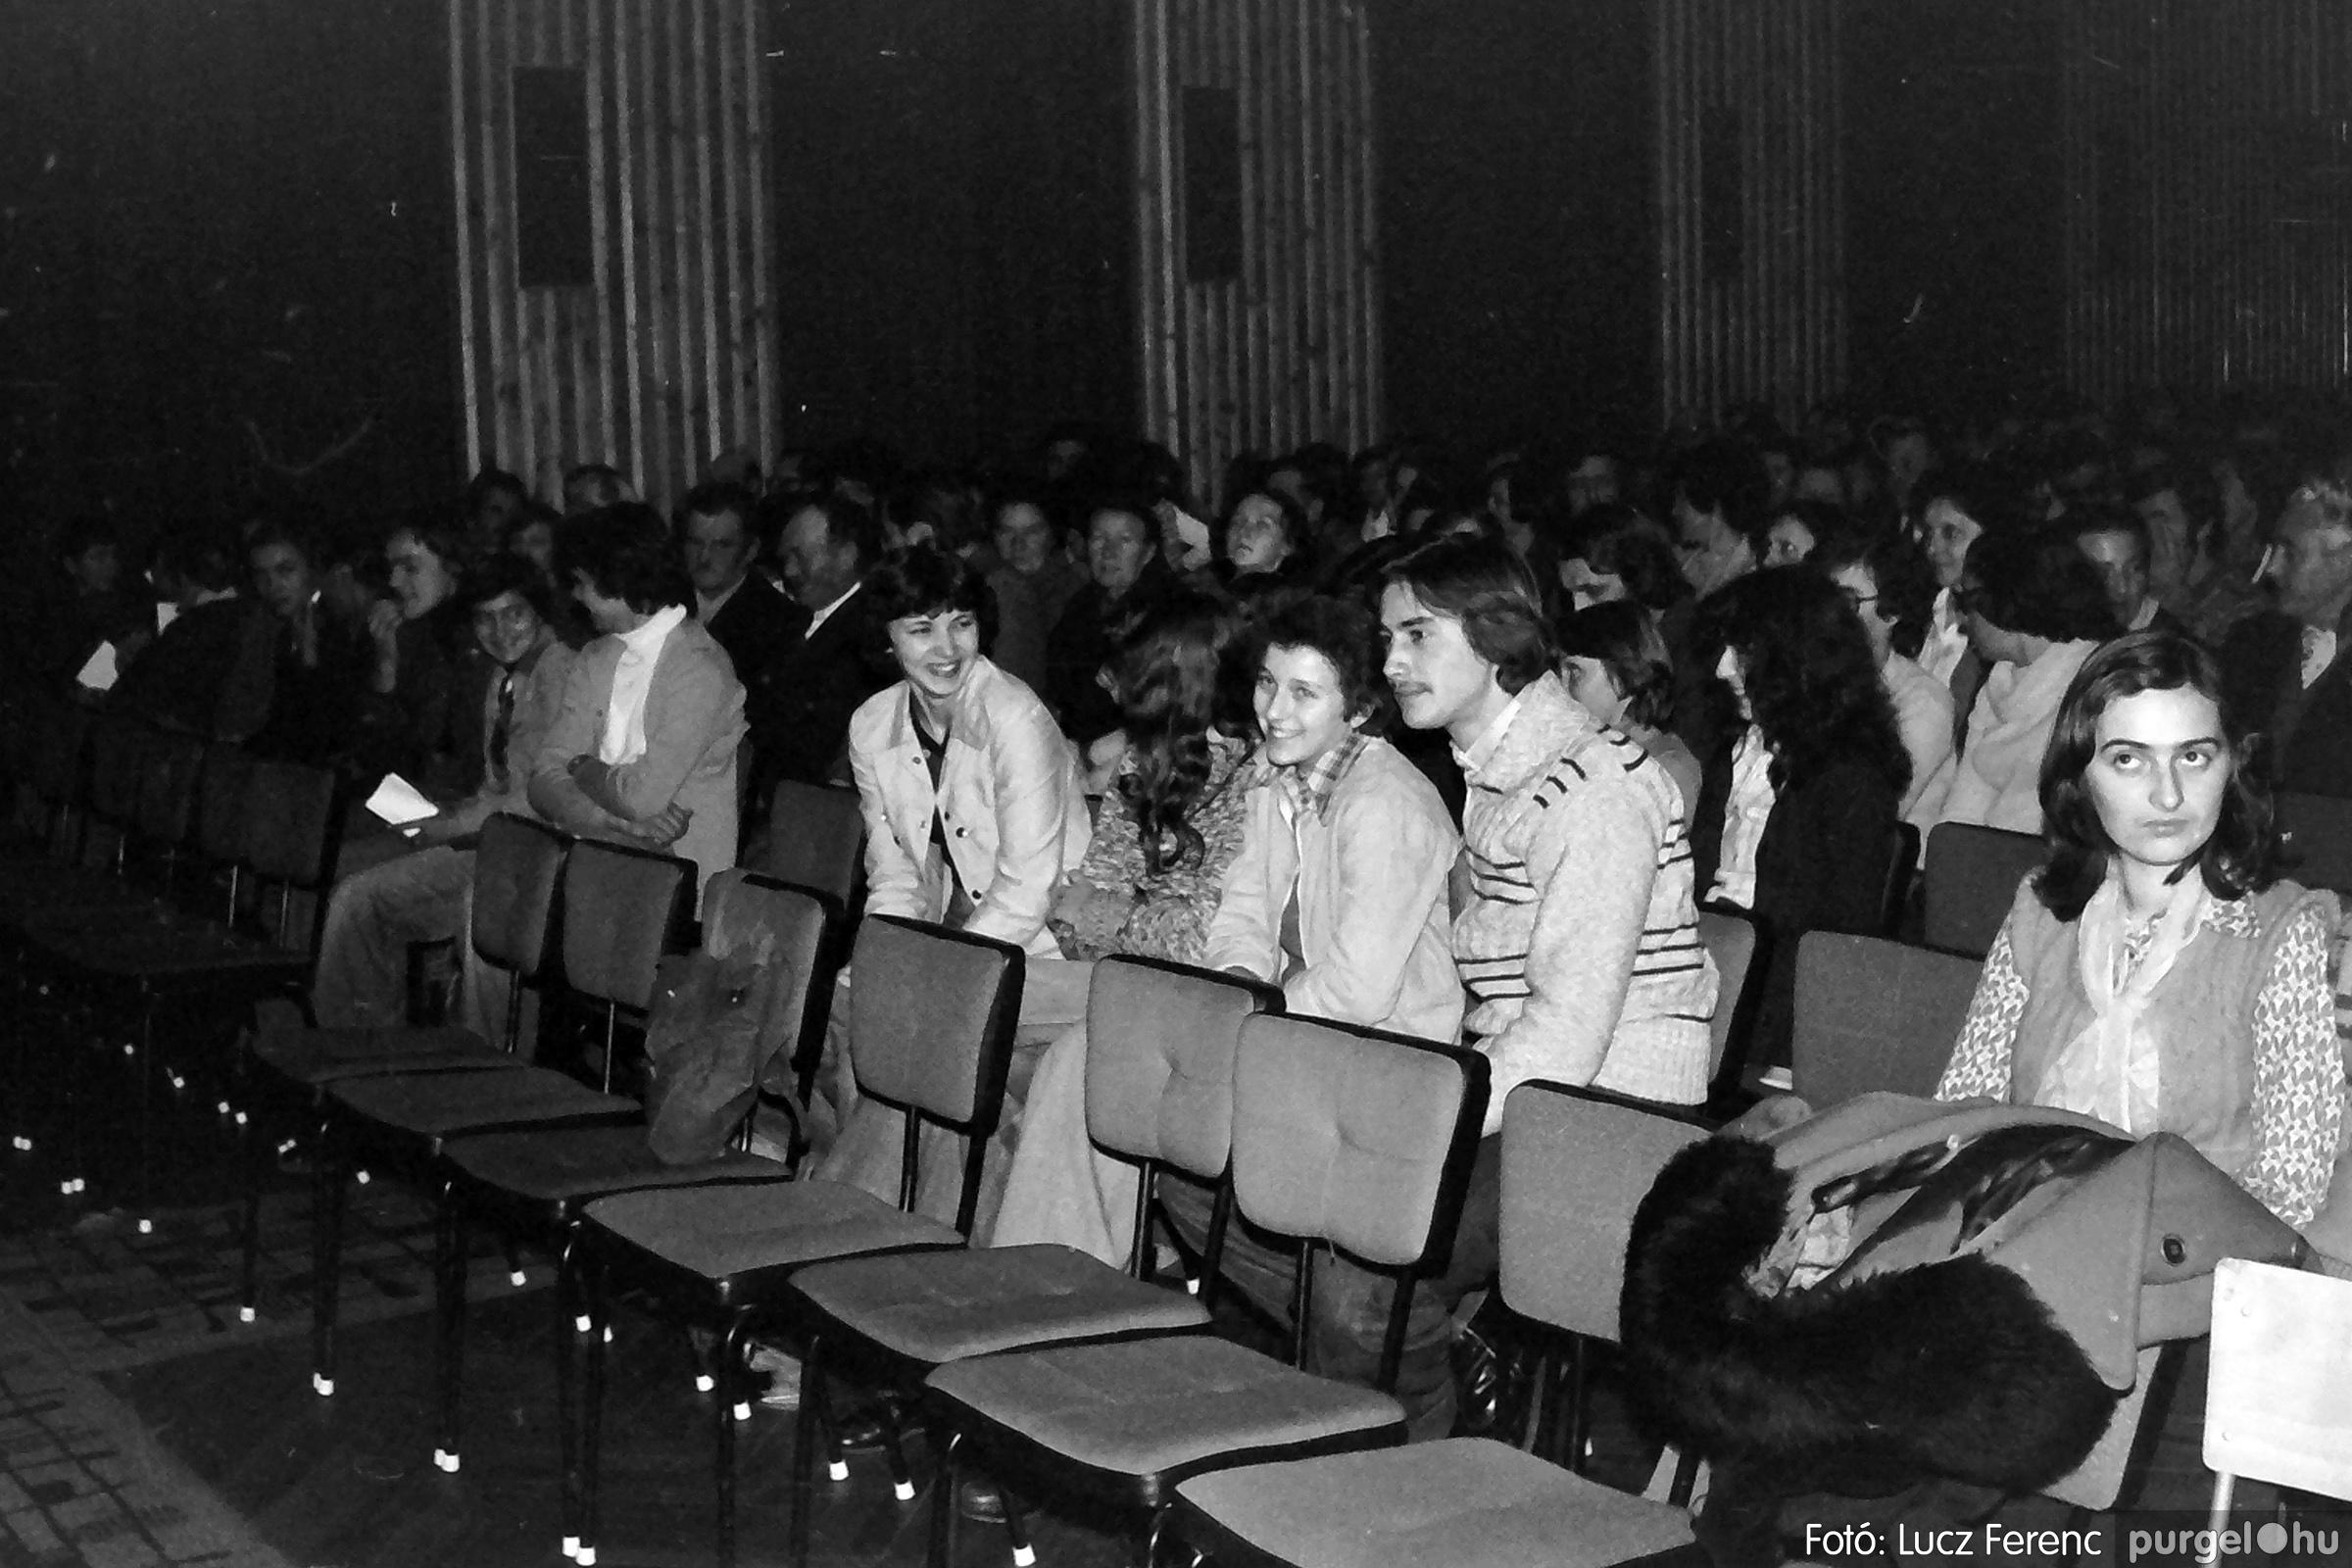 066-067. 1976. A Herkulesfürdői emlék című film ősbemutatója Szegváron 005. - Fotó: Lucz Ferenc.jpg